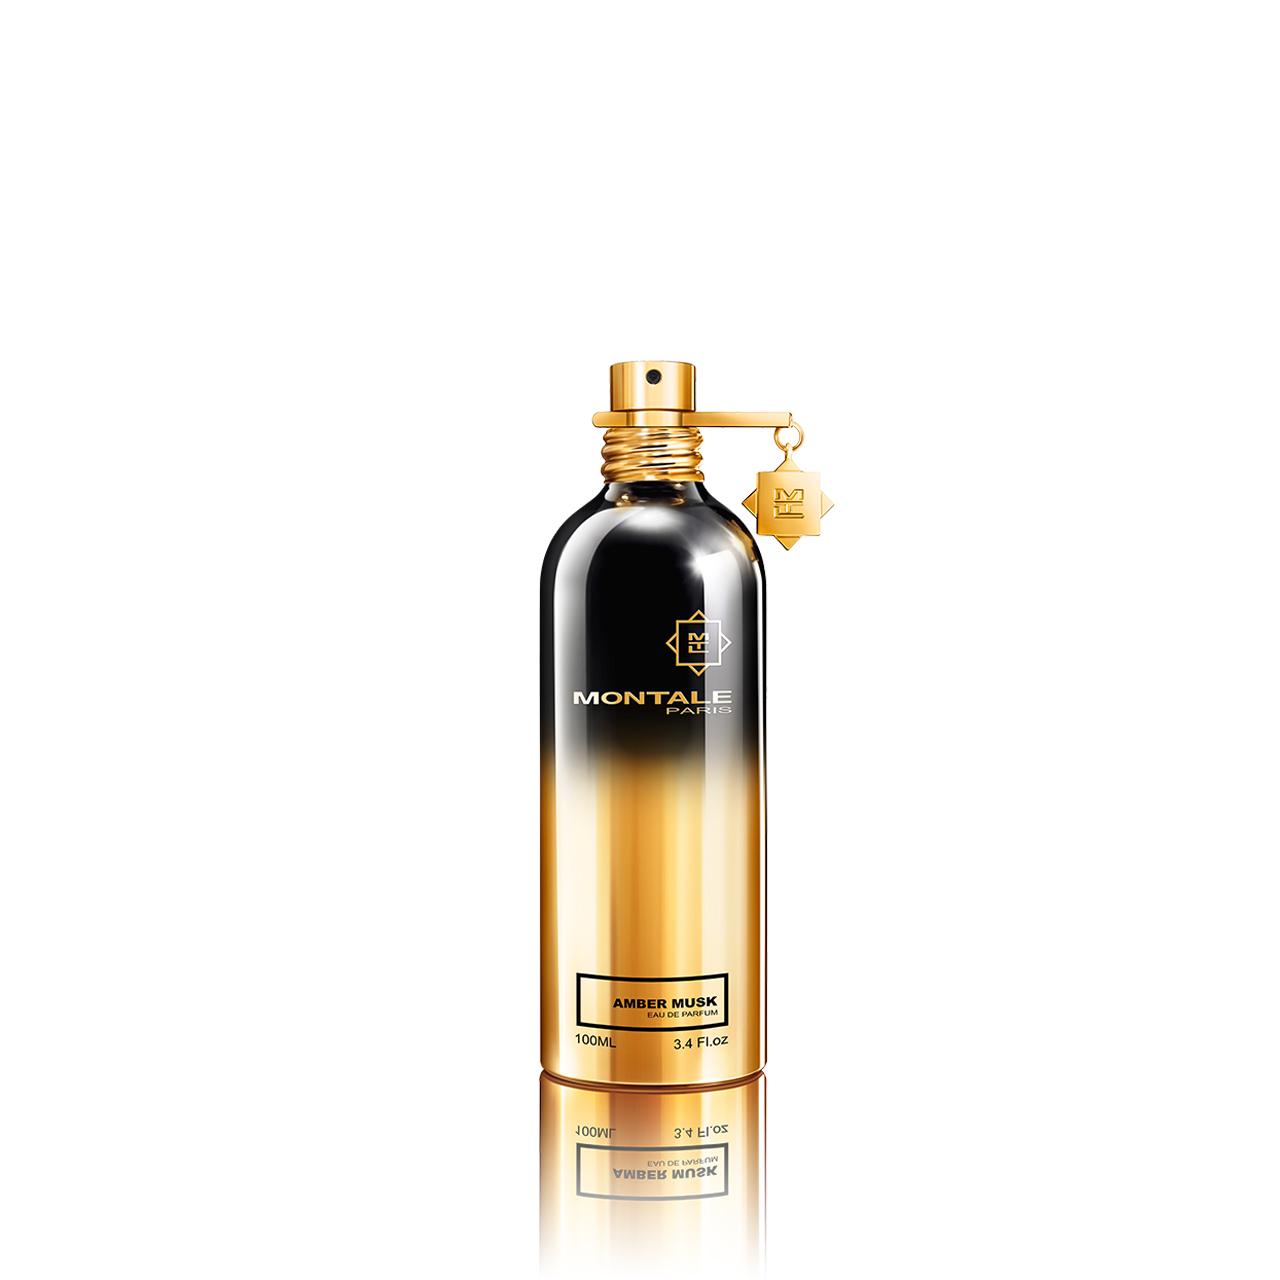 Amber Musk - Eau de Parfum